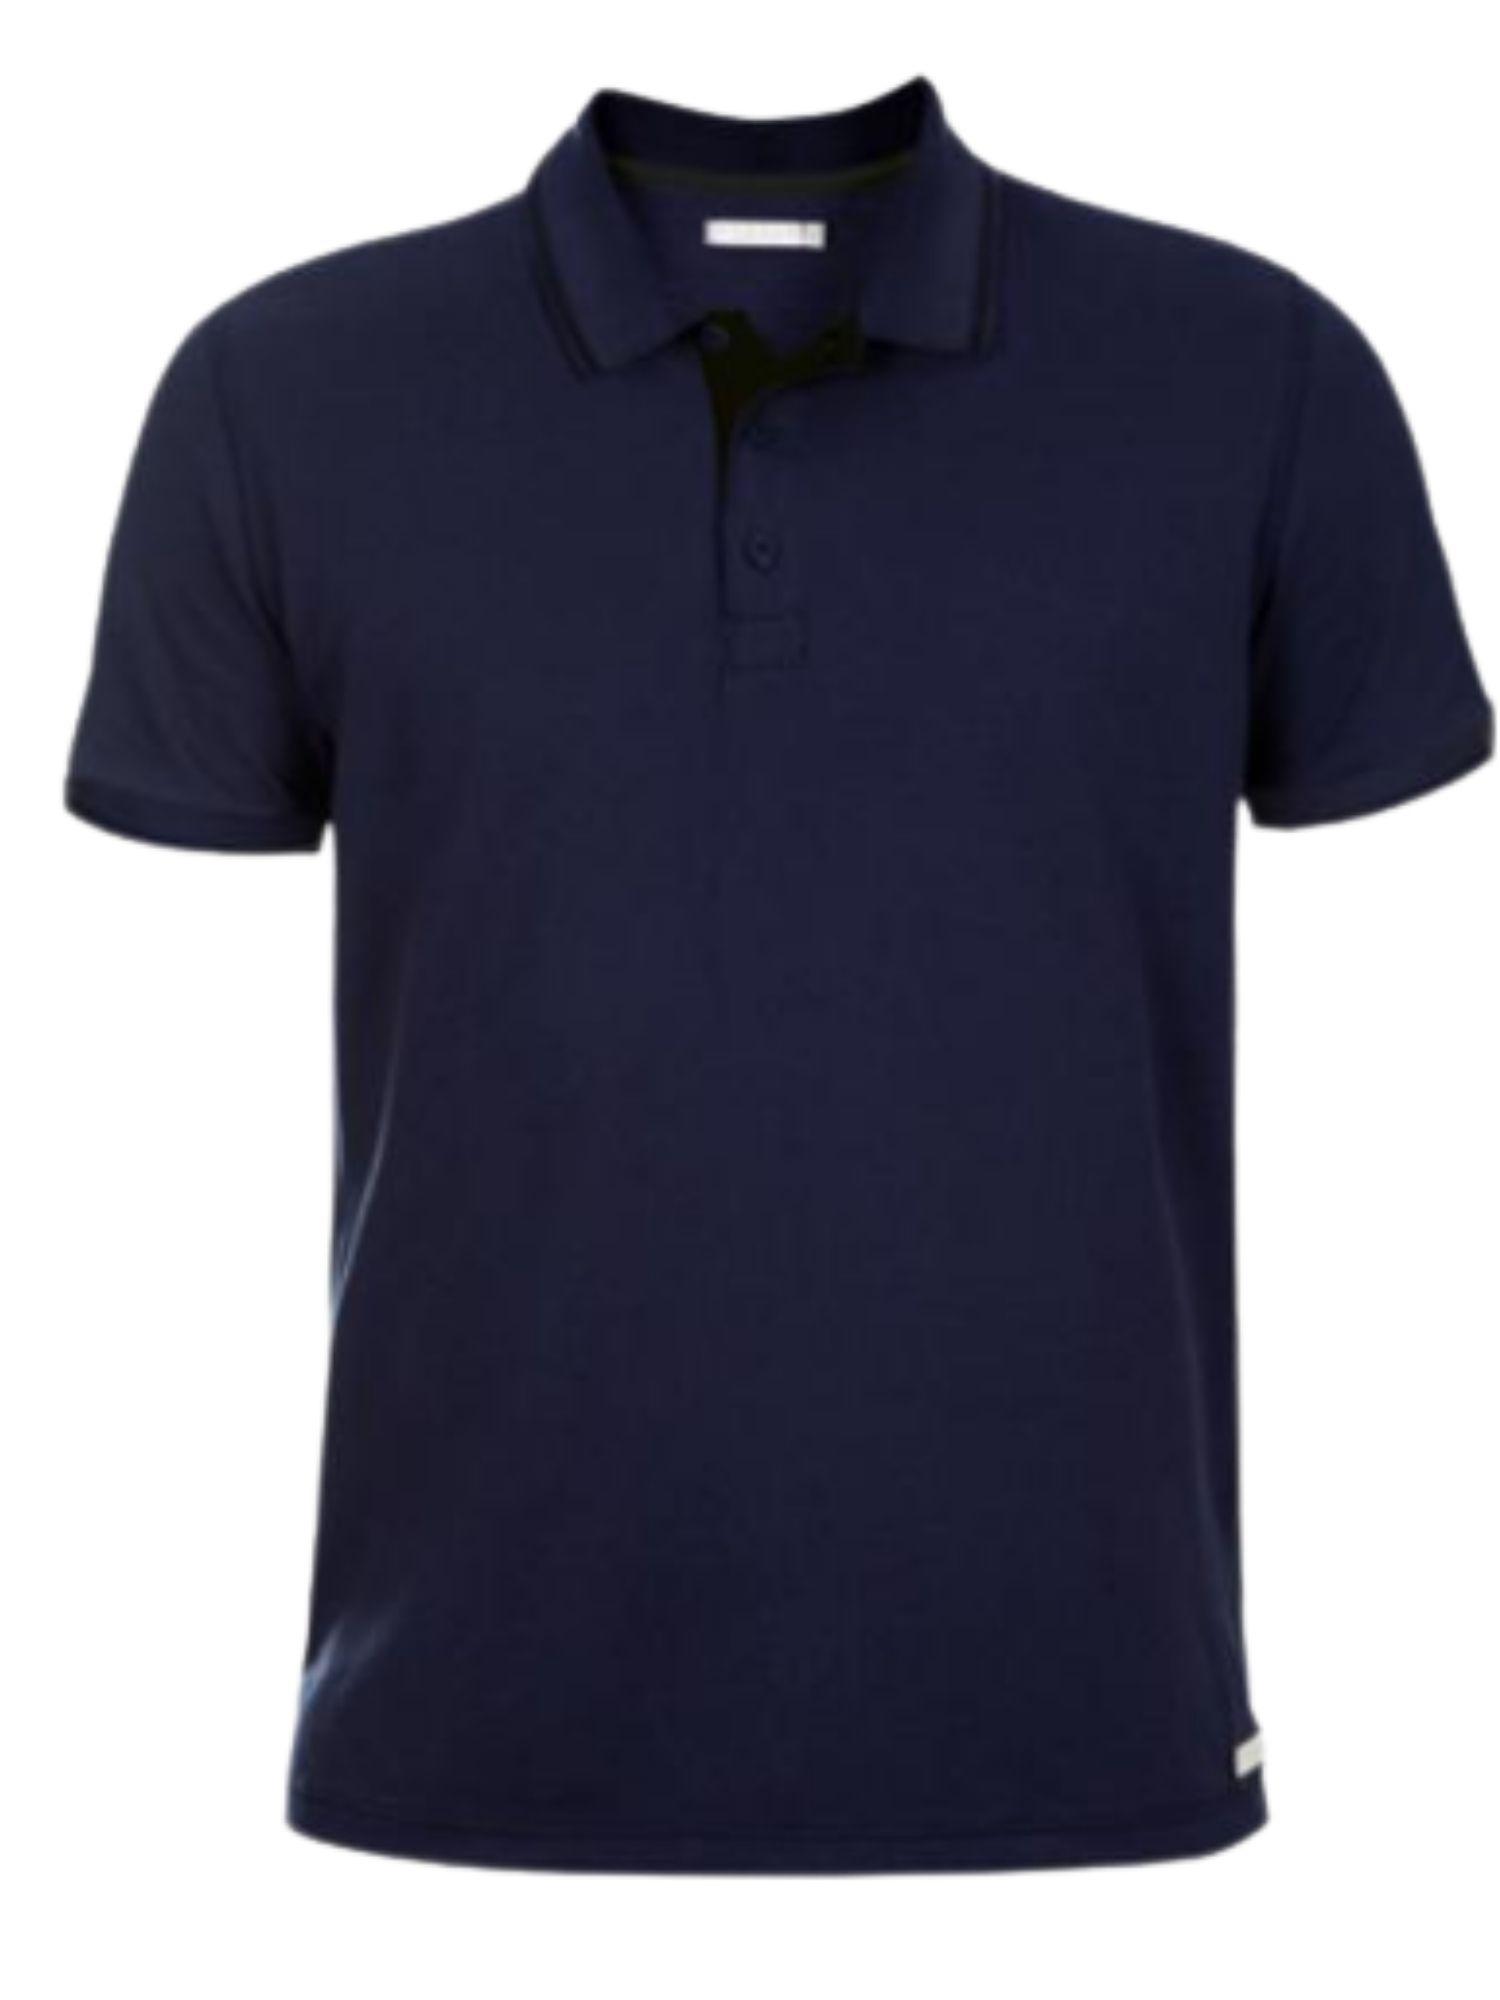 Camiseta Polo Lisa Kohmar  1143